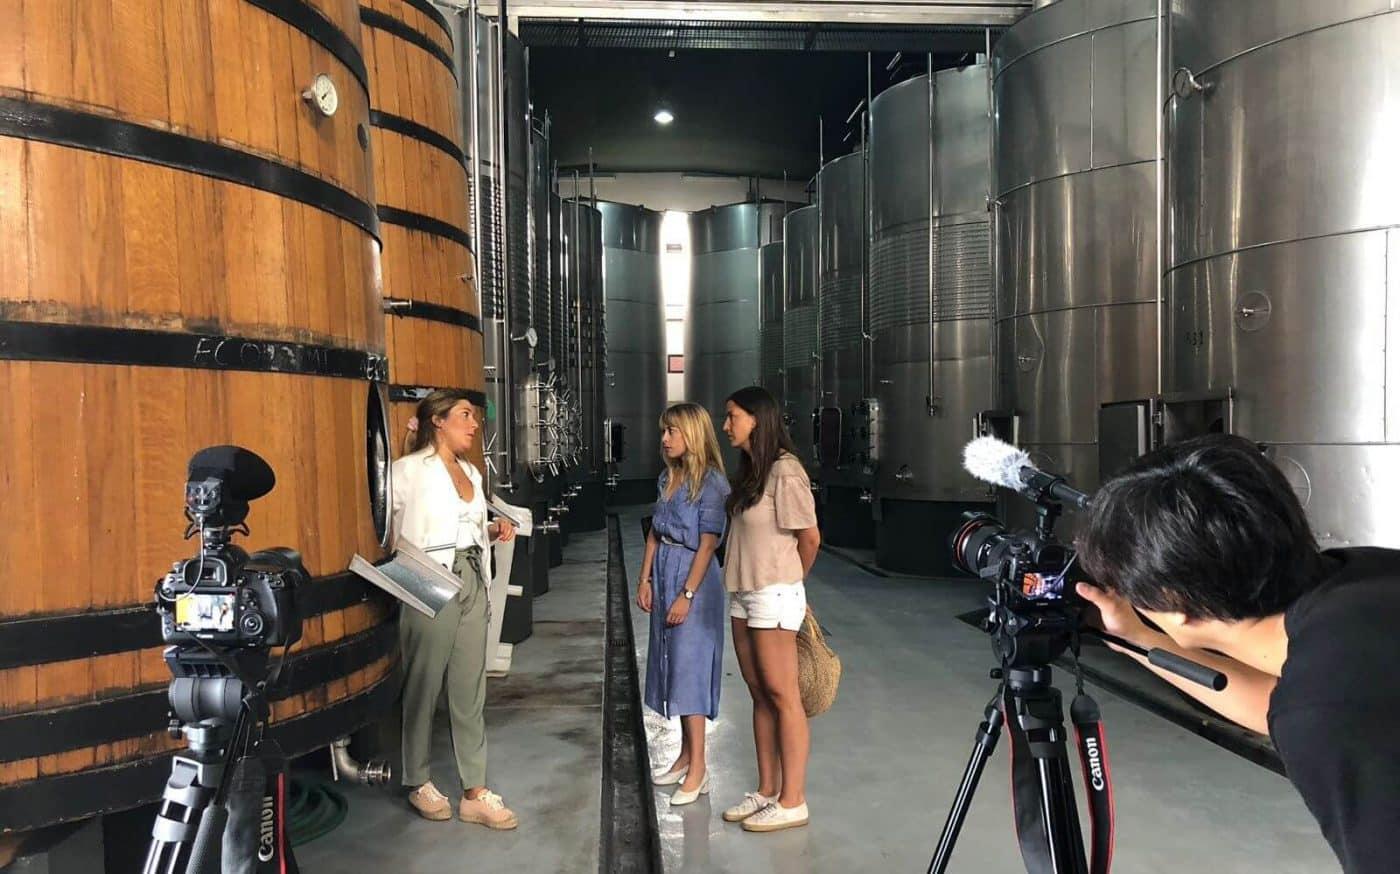 San Vicente de la Sonsierra, uno de los escenarios elegidos por la cadena japonesa Nihon TV para grabar un programa sobre estilos de vida 1